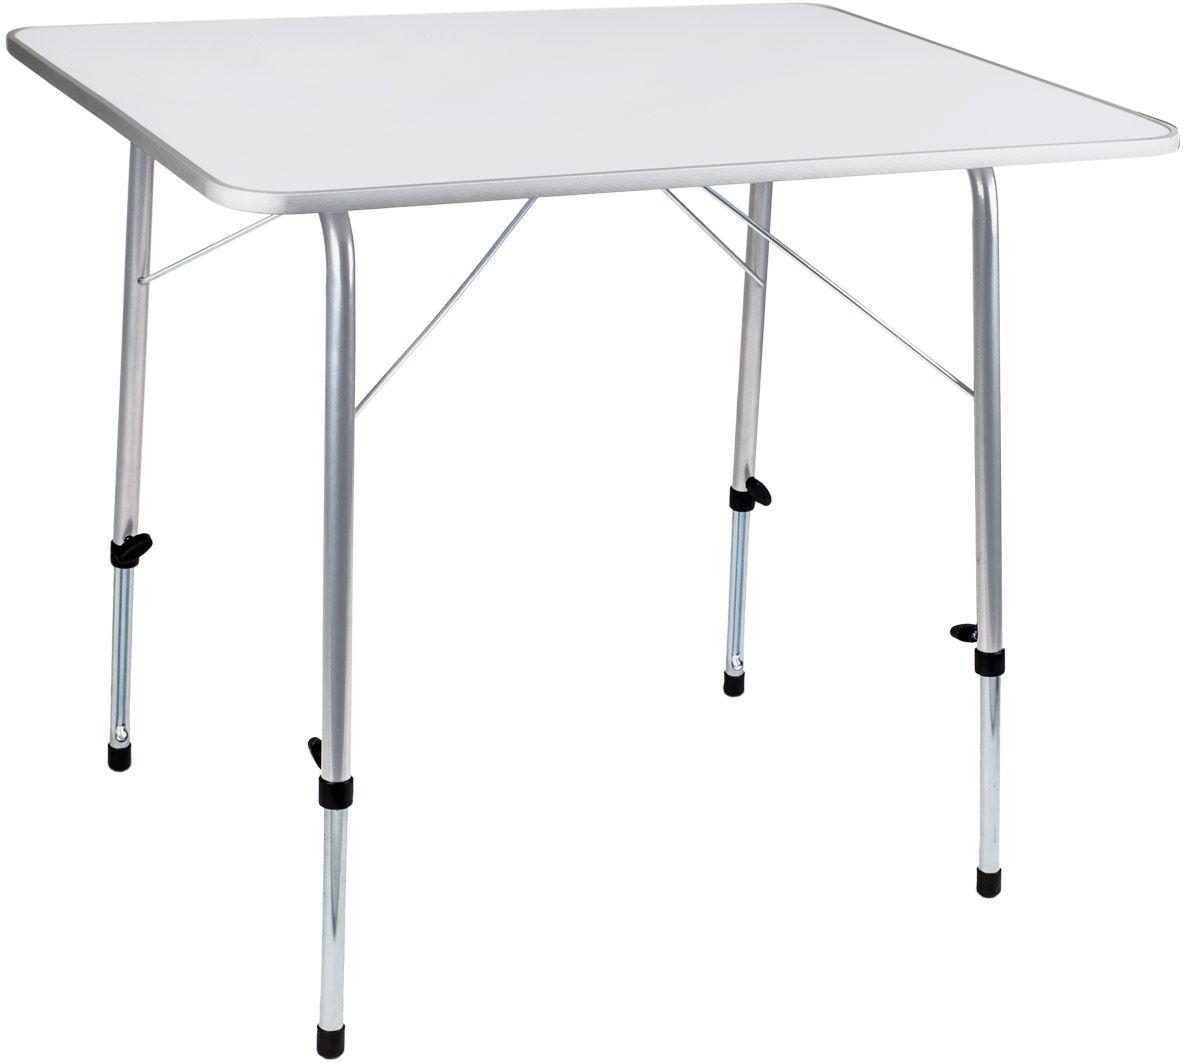 Стол складной TREK PLANET Picnic 80, кемпинговый, 81 х 6,5 х 62,5 см коврик для пикника trek planet picnic mat цвет синий